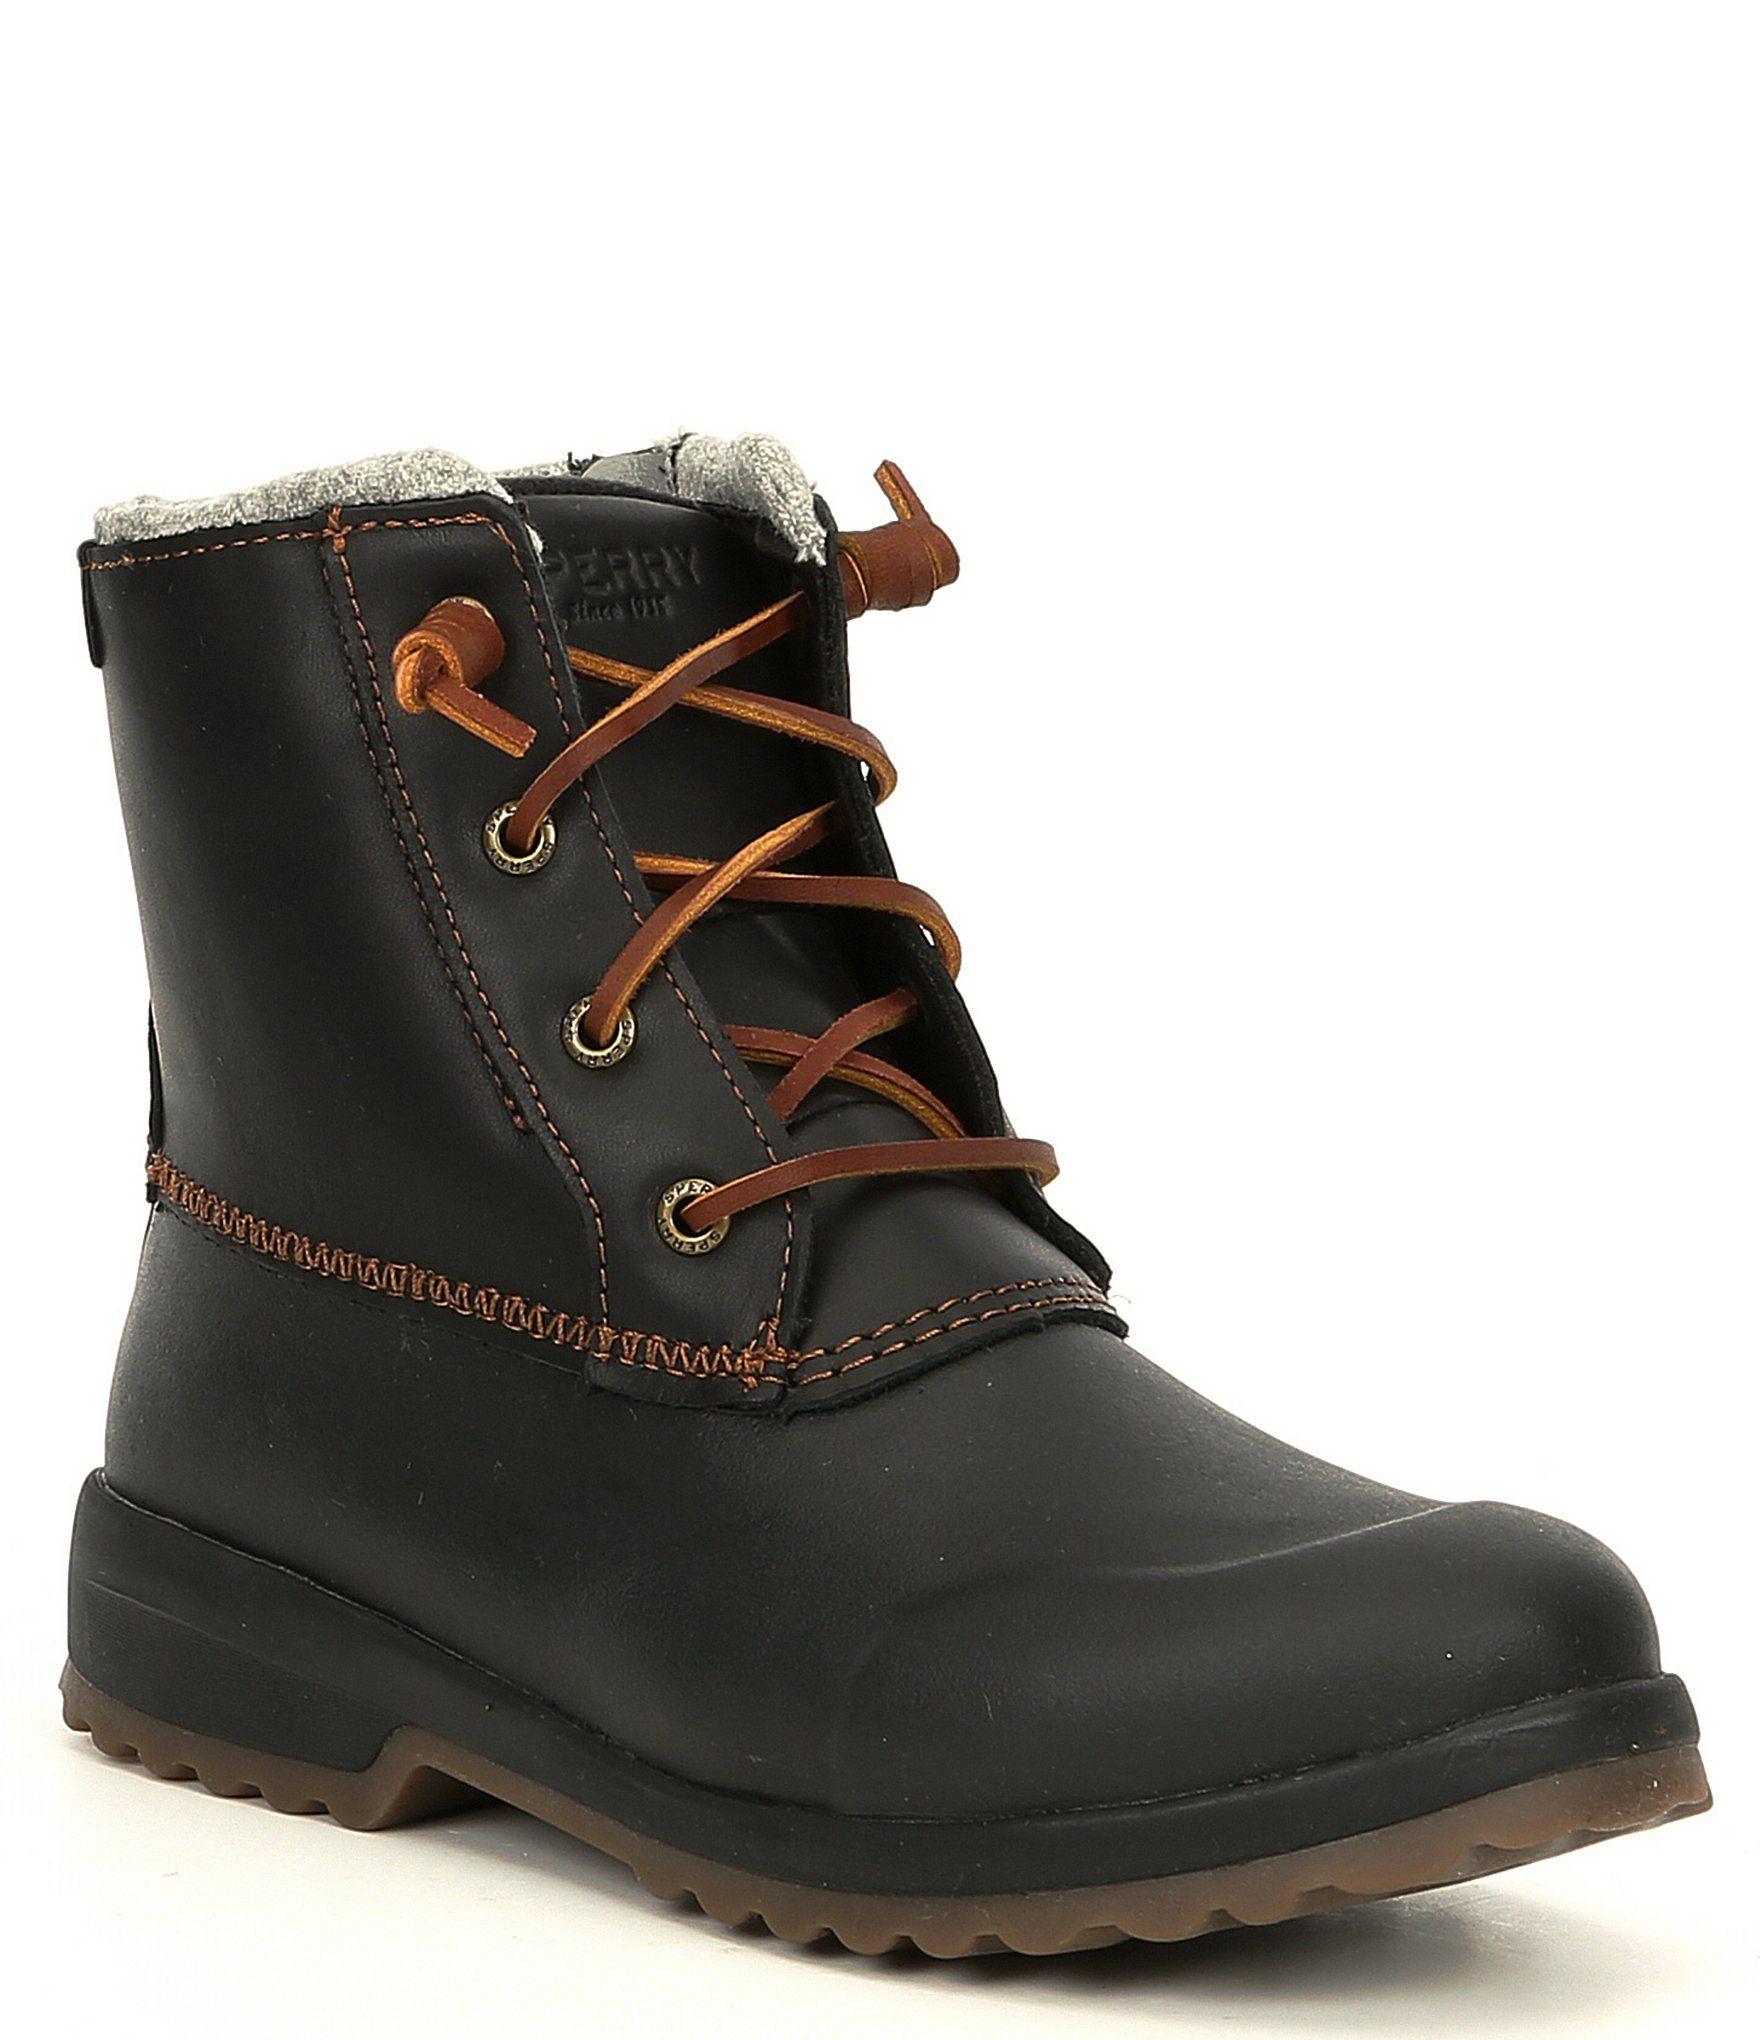 Sperry Women's Maritime Repel Waterproof Winter Boots Grey